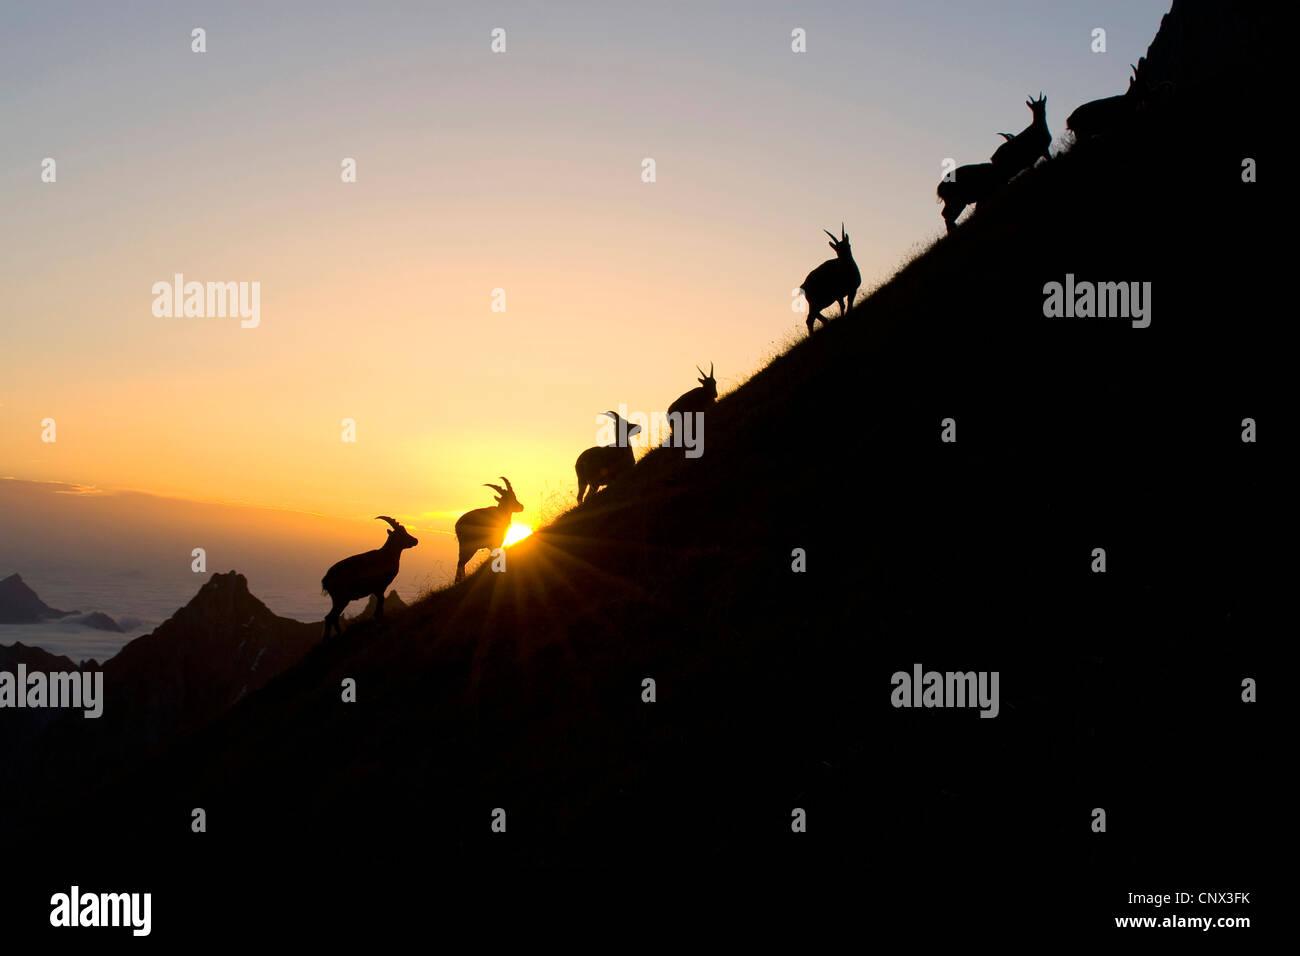 Alpina (Capra ibex), siluetas de un paquete en una montaña, frente a la puesta de sol, Suiza, Sankt Gallen, Imagen De Stock